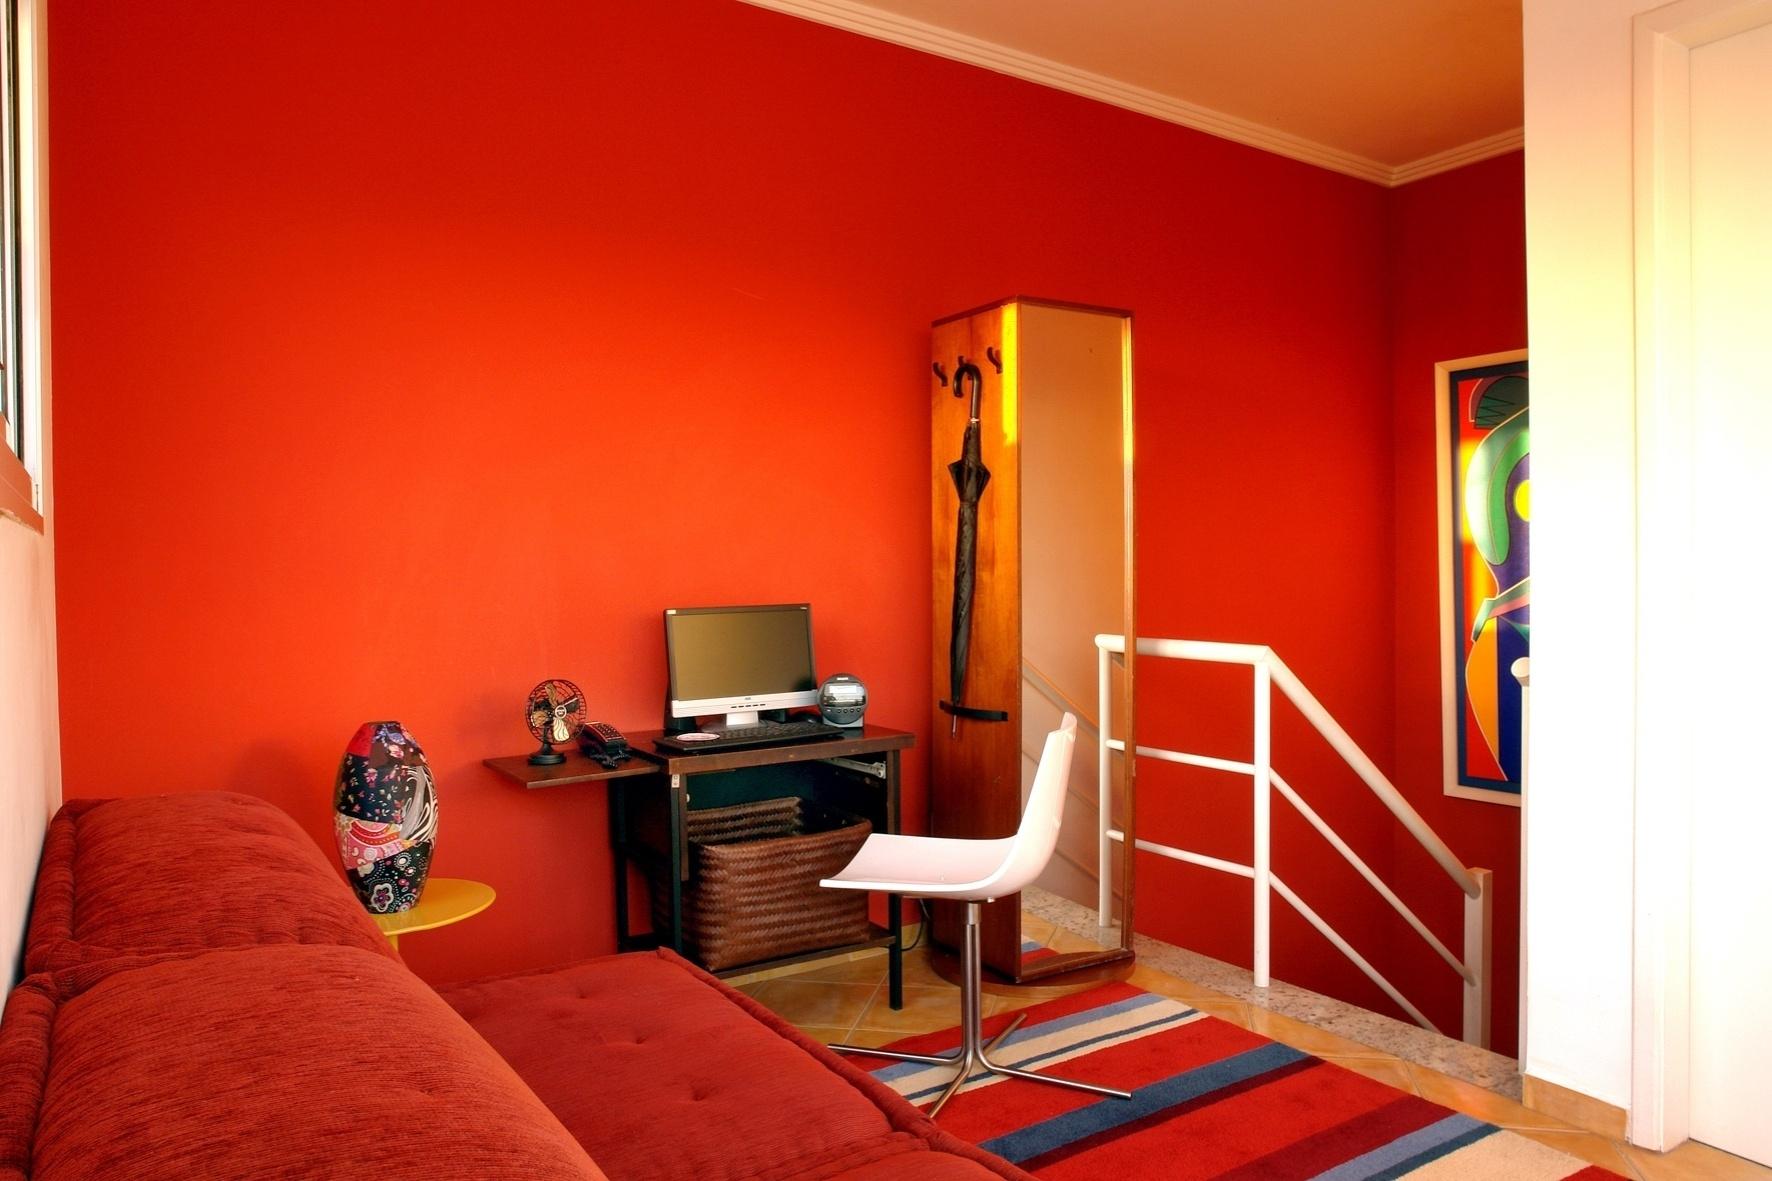 A partir do pedido do cliente, as tonalidades do vermelho foram largamente exploradas pela arquiteta Cristiane Schiavoni para a decoração do ambiente.